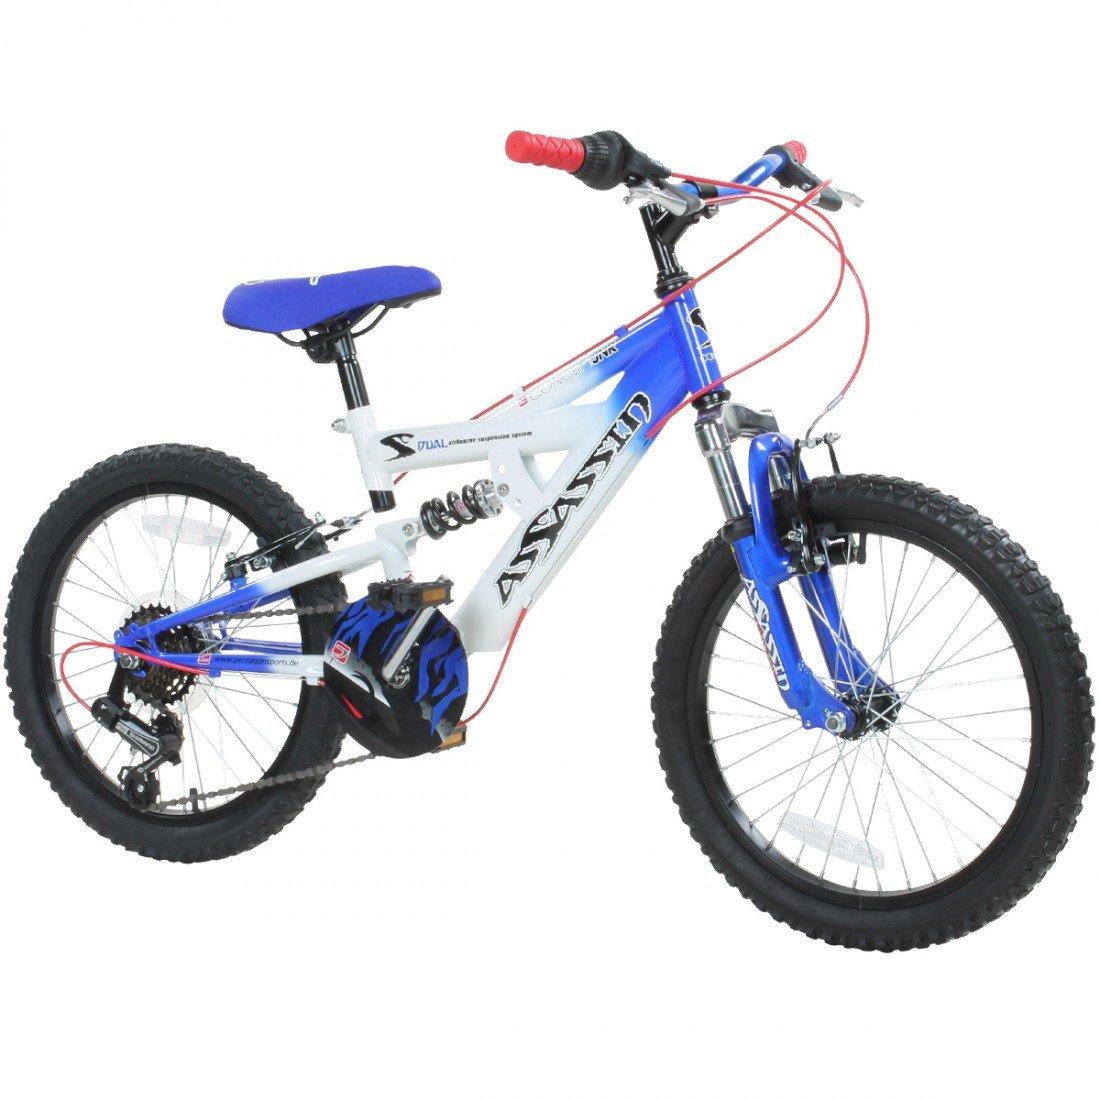 Kinder Mountainbike 20 Zoll: Amazon.de